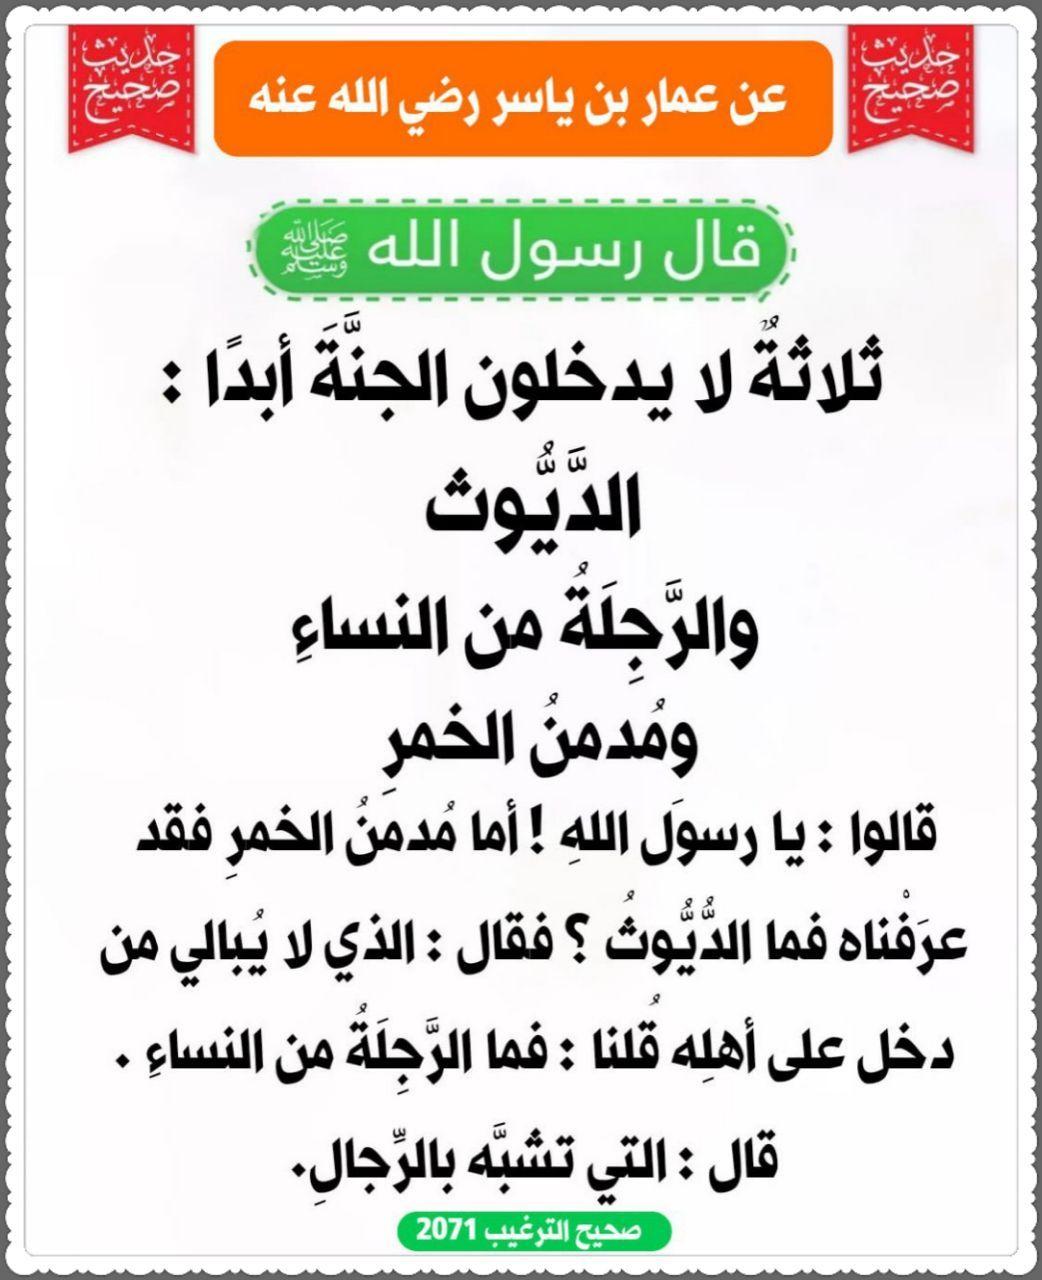 حديث صحيح Quotes Hadith Ramadan